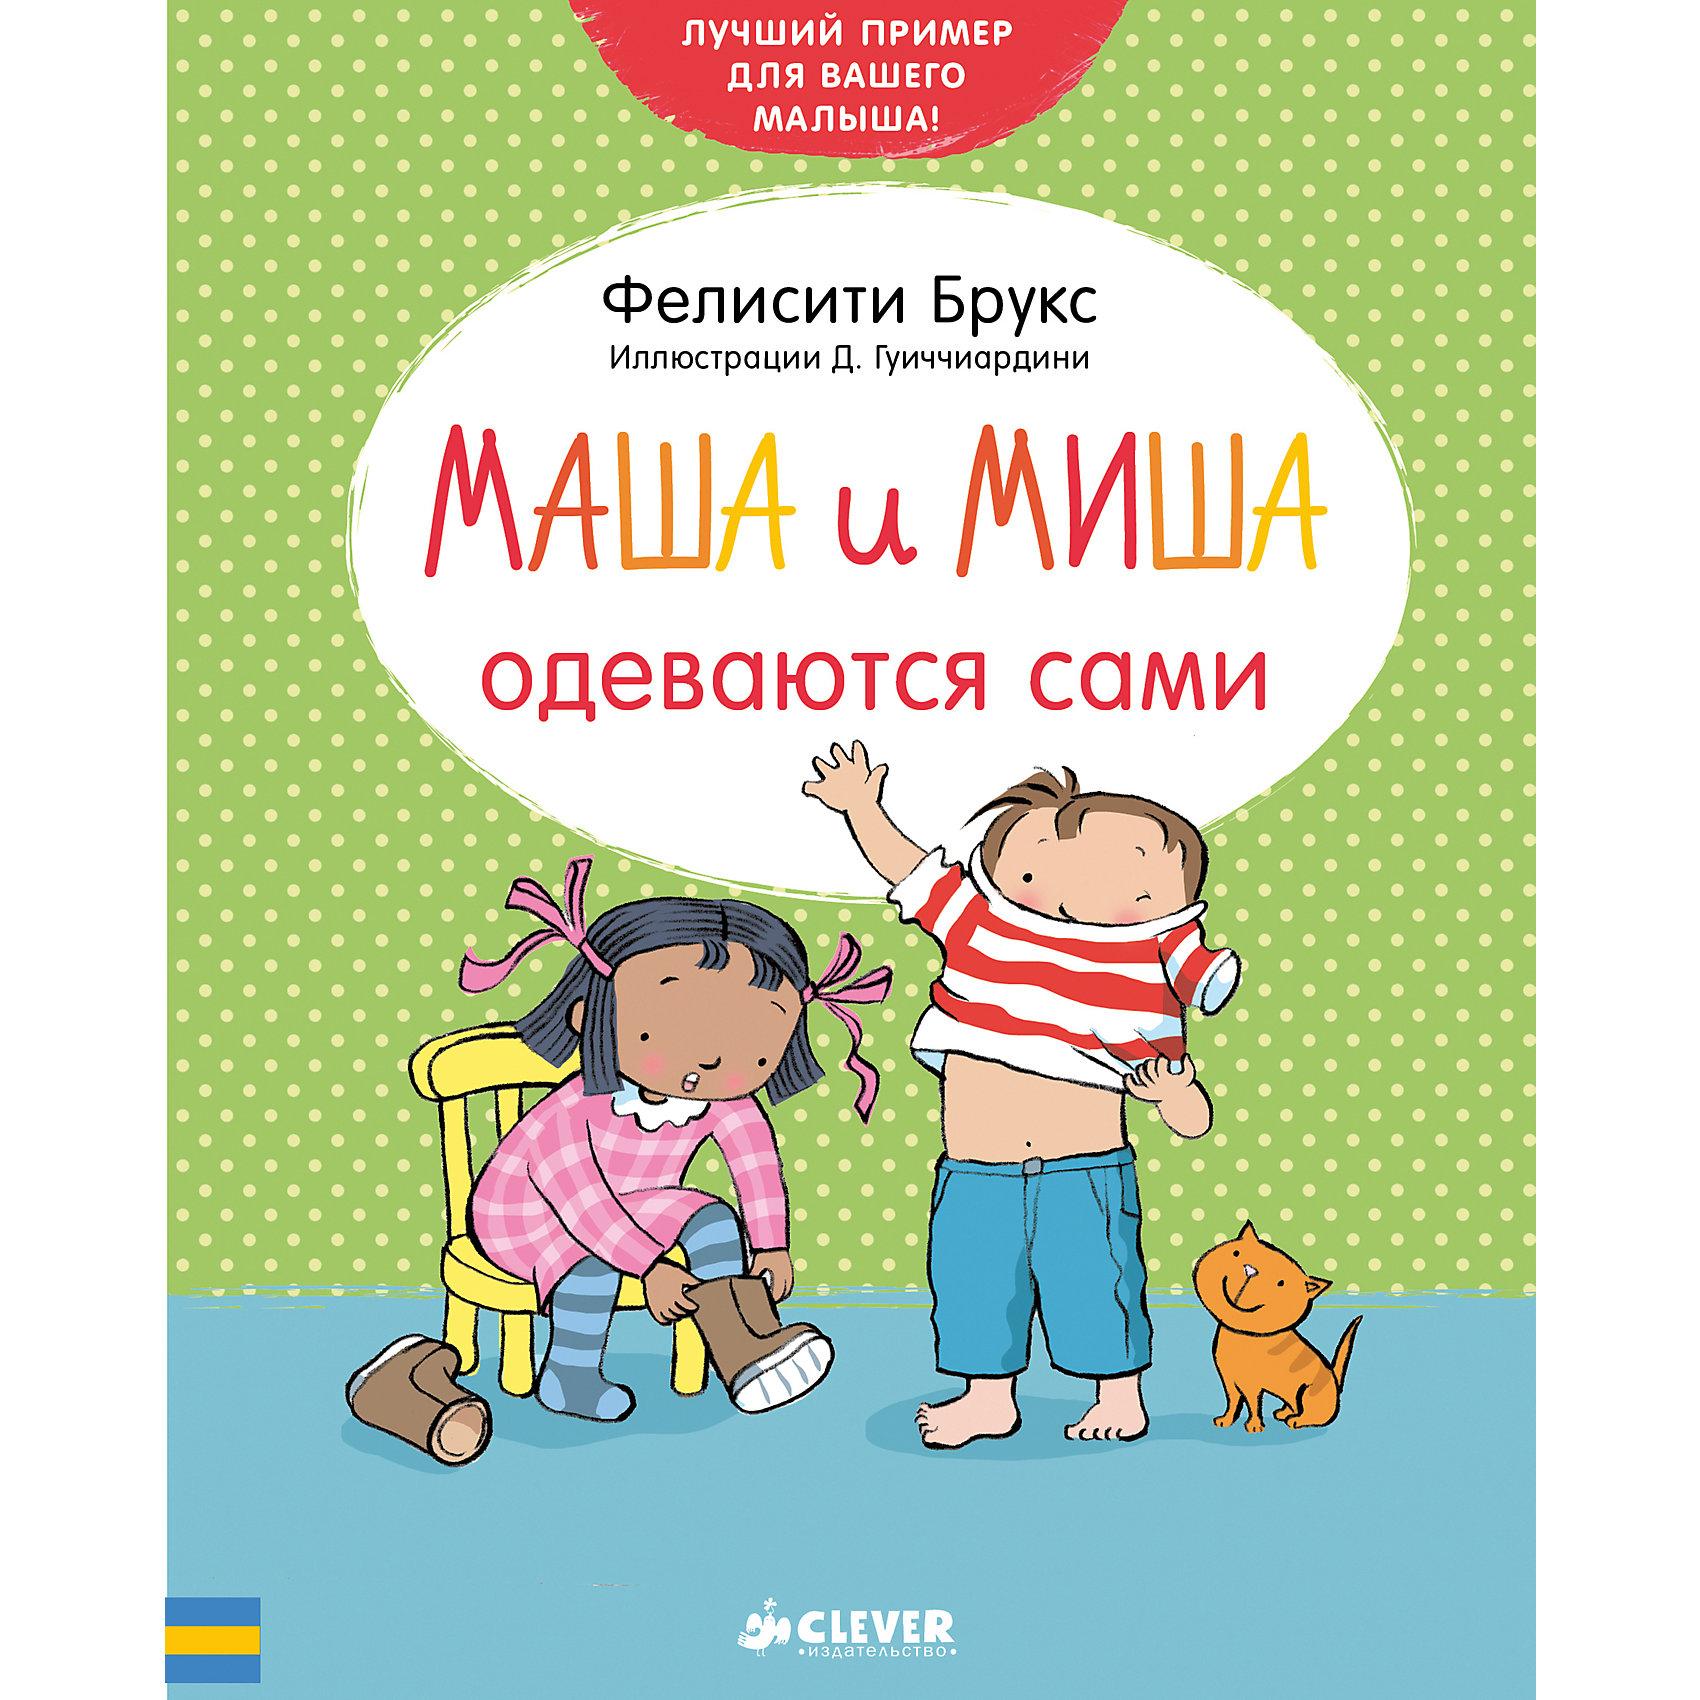 Маша и Миша одеваются сами, Ф. БруксРазвивающие книги<br>Маша и Миша одеваются сами, Ф. Брукс<br><br>Характеристики:<br><br>• ISBN: 978-5-906899-12-5<br>• Кол-во страниц:32<br>• Возраст: от 1 до 3 лет <br>• Формат: а4<br>• Размер книги: 196x158x9 мм<br>• Бумага: офсет<br>• Вес: 205 г<br>• Обложка: мягкая<br><br>Эта добрая книжка расскажет ребенку историю о двух веселых друзьях – Маше и Мише, которые научились одеваться самостоятельно. Читая эта книгу, дети смогут проассоциировать себя с персонажами истории и избавиться от страха, что у них не выйдет одеваться или перестанут лениться. Серия этих книг учит детей аккуратности и вежливости в понятной для малышей форме.<br><br>Маша и Миша одеваются сами, Ф. Брукс можно купить в нашем интернет-магазине.<br><br>Ширина мм: 190<br>Глубина мм: 150<br>Высота мм: 8<br>Вес г: 205<br>Возраст от месяцев: 0<br>Возраст до месяцев: 36<br>Пол: Унисекс<br>Возраст: Детский<br>SKU: 5377816